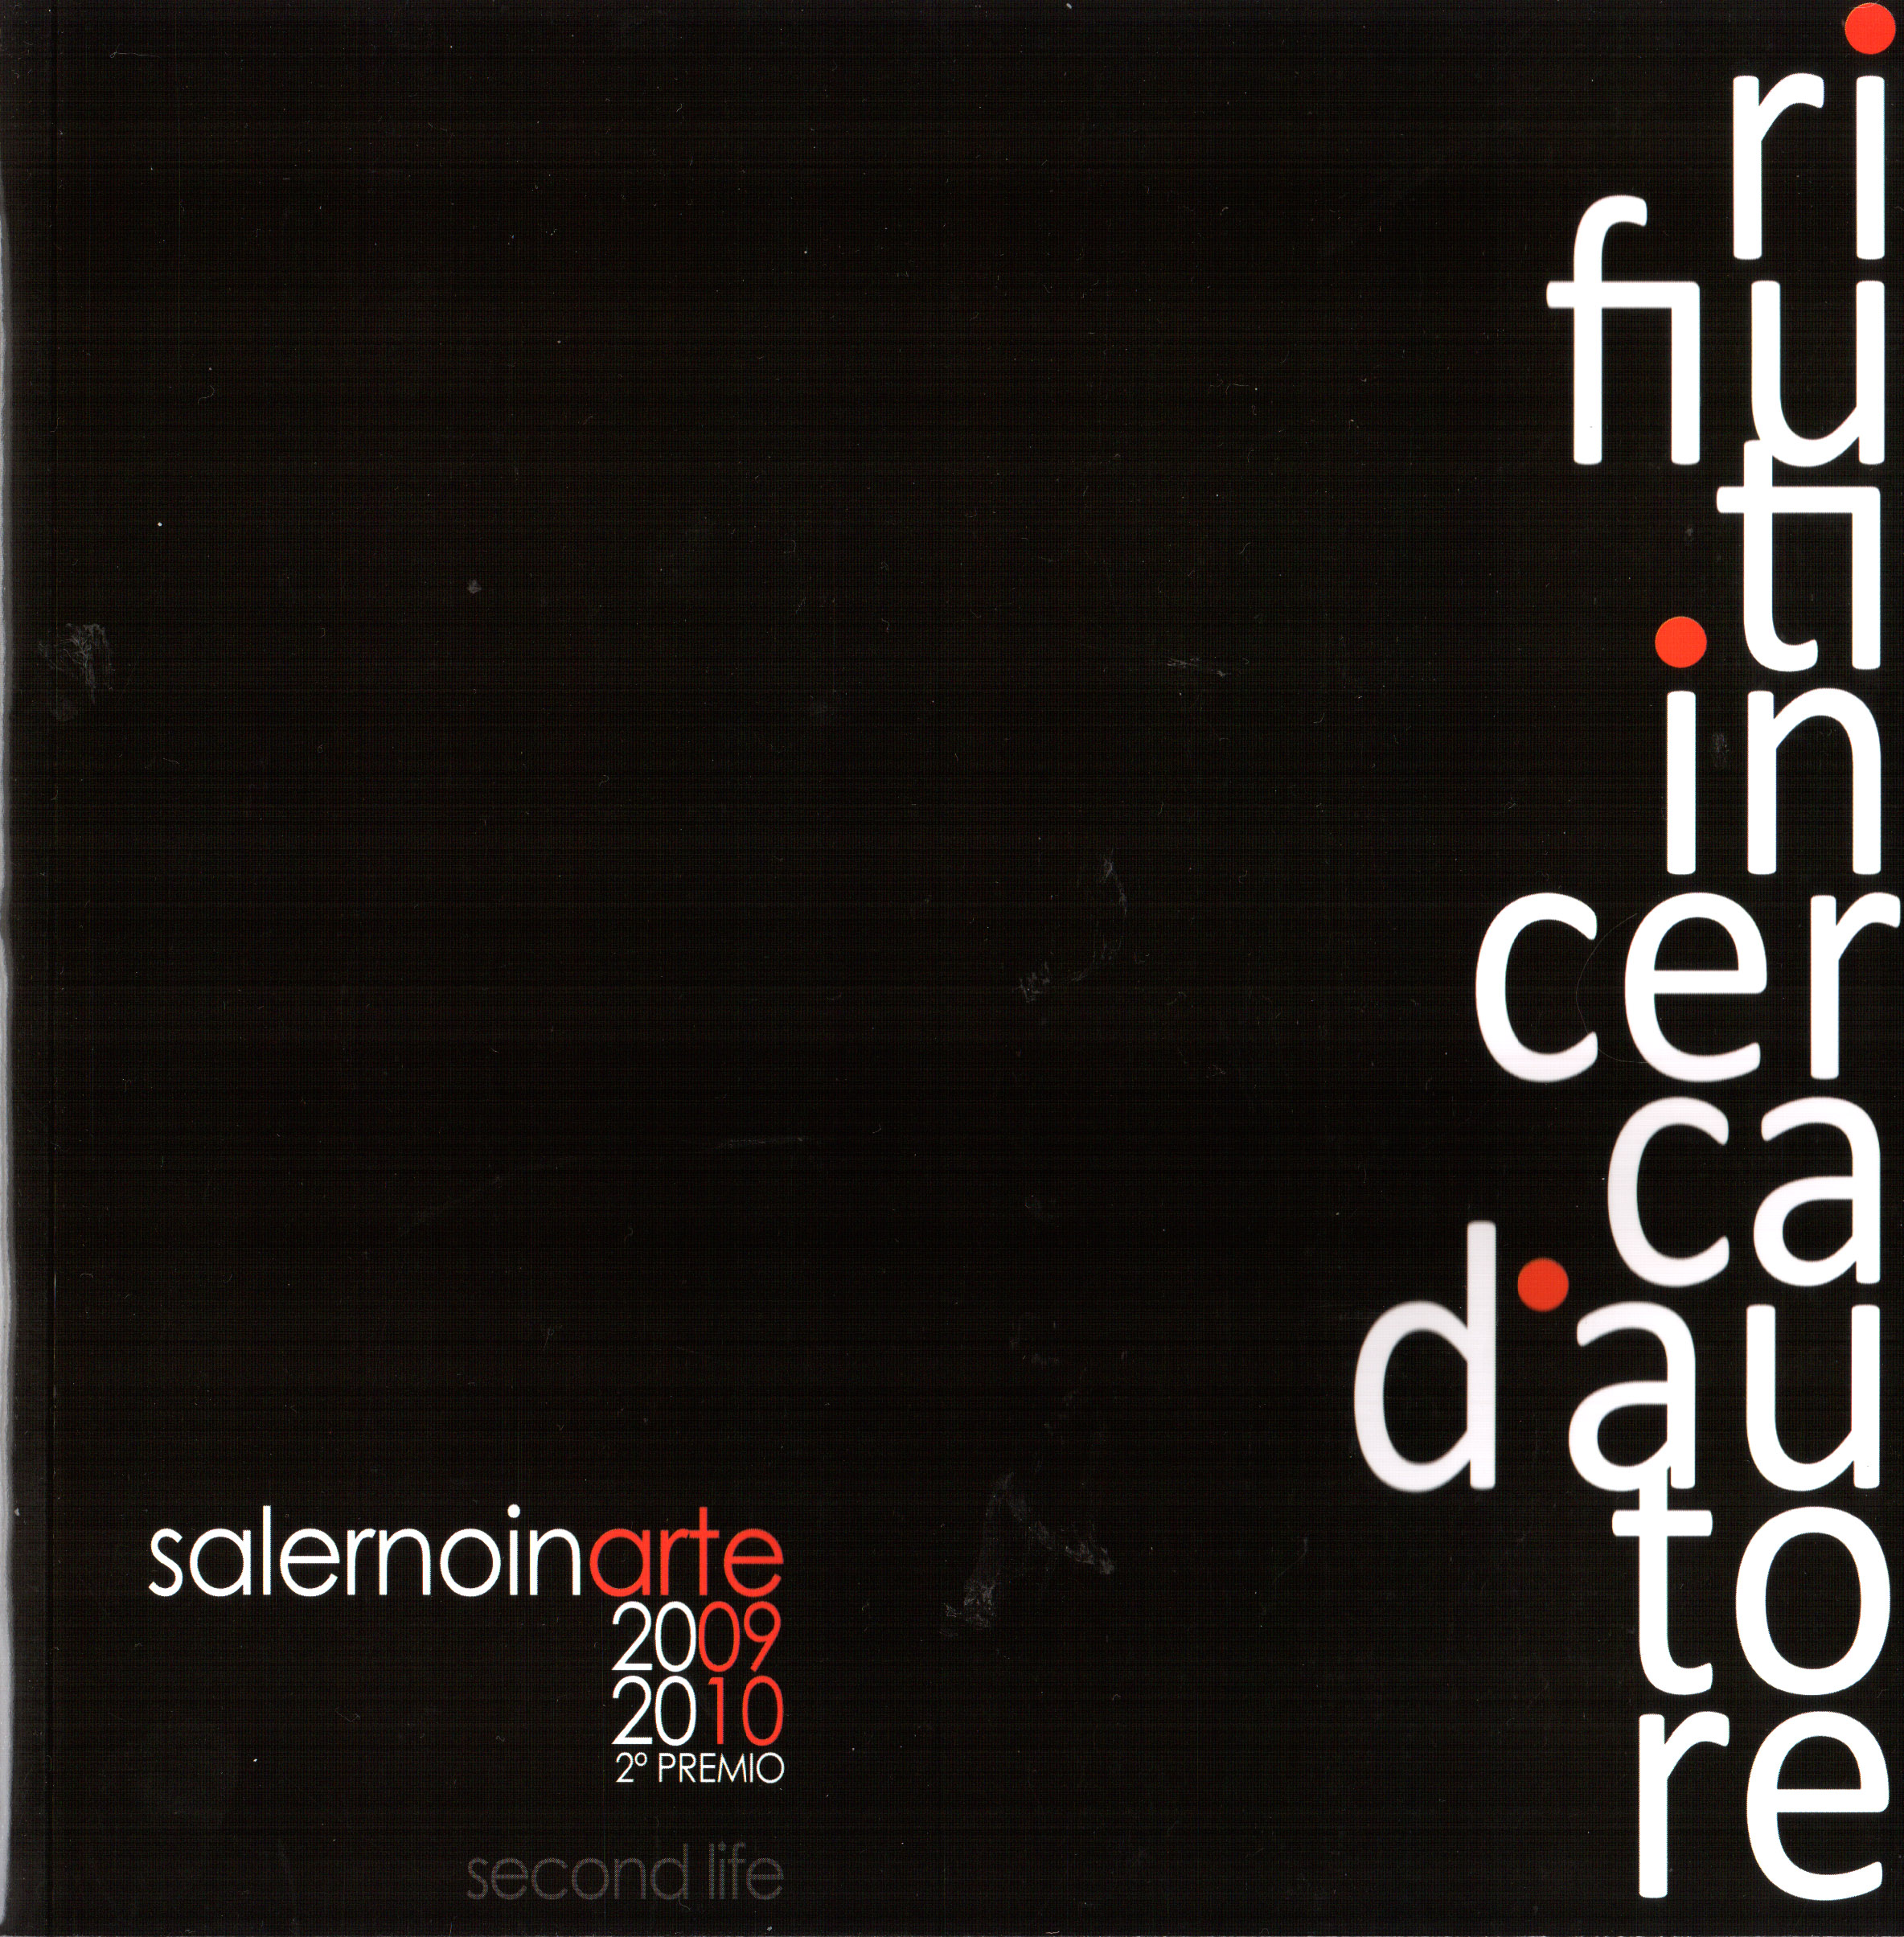 Credits-Catalogo-Rifiuti in cerca d'autore,Salerno in arte,Second life 2009/10-Pasquale Mastrogiacomo